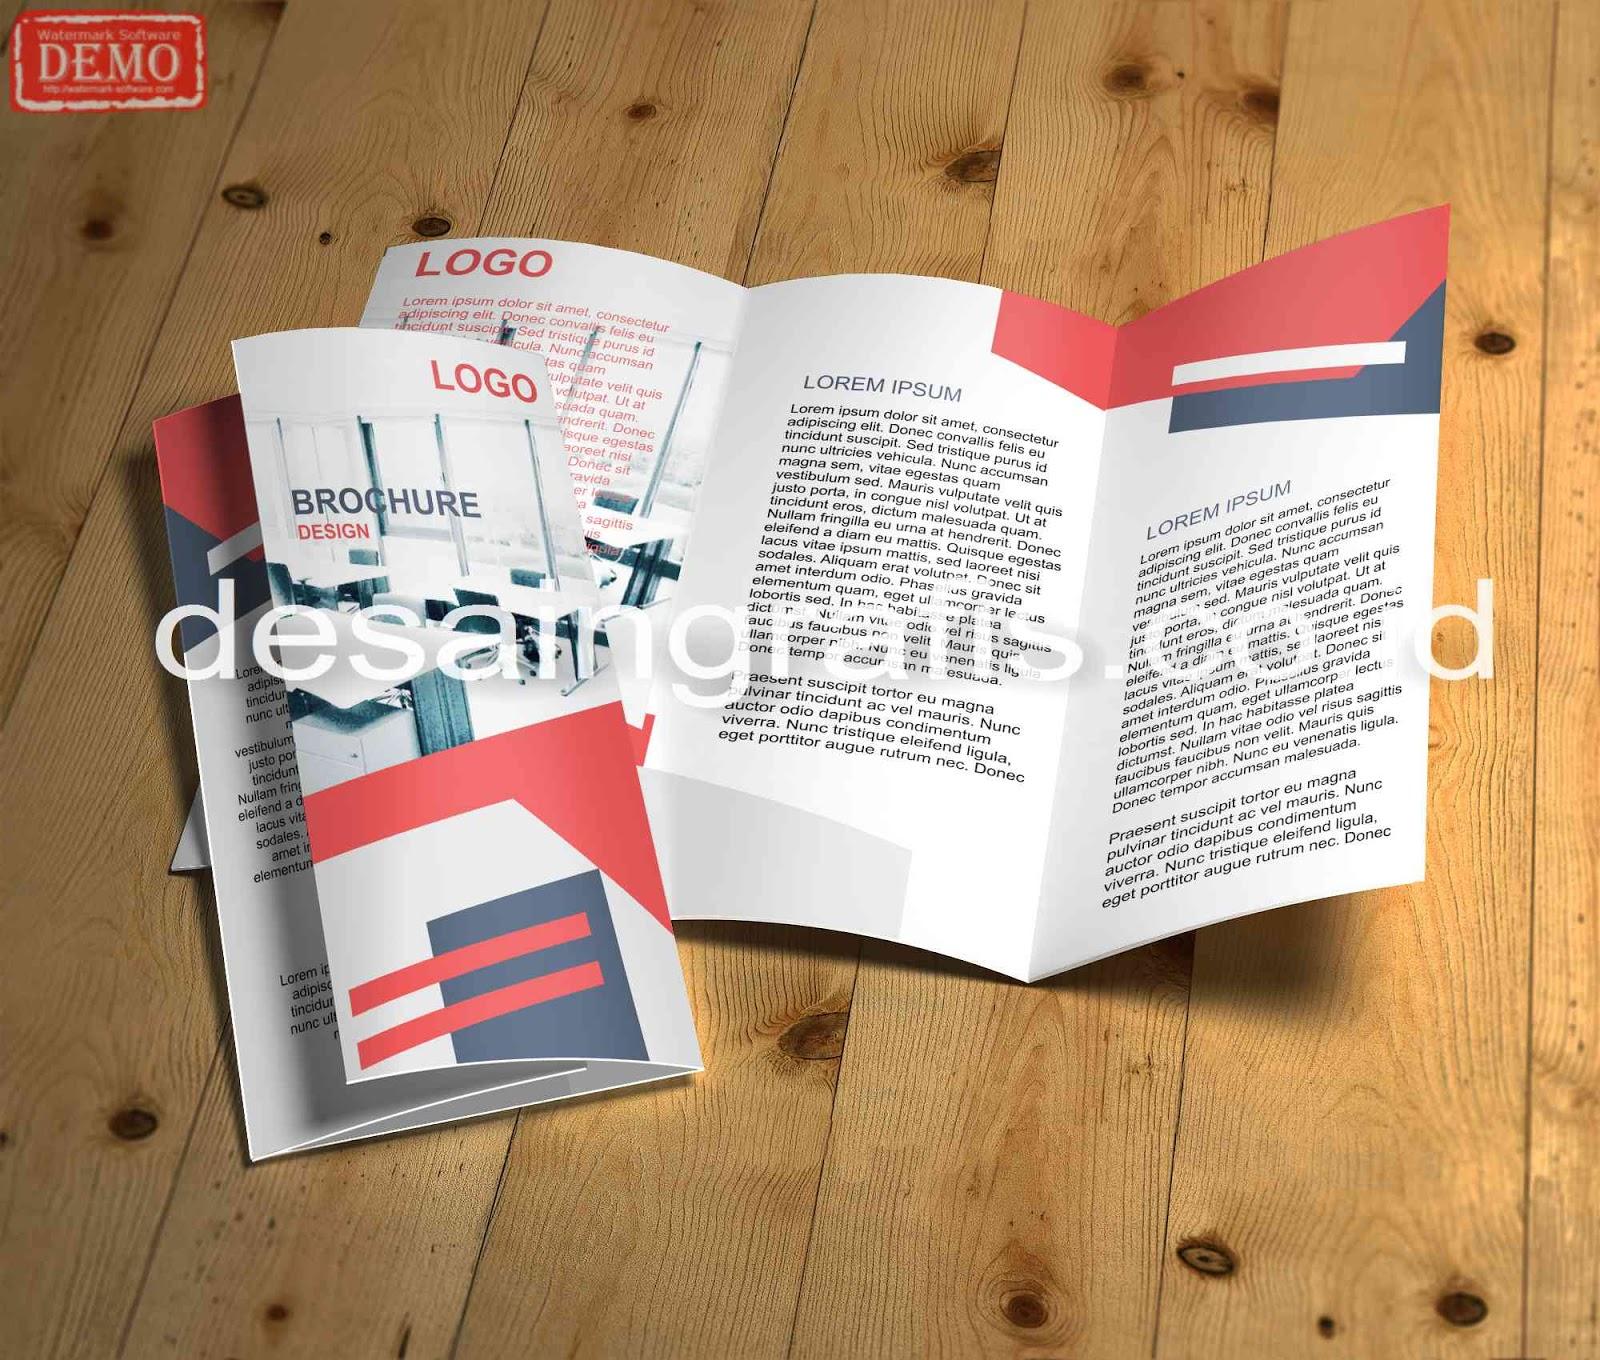 Koleksi Desain Grafis Template Nota Siap Edit Format Cdr Paket 100 Brosur Lipat 3 Berformat Coreldraw Yang Pastinya Bisa Diedit Kembali Sesuai Kebutuhan Nah Berikut Beberapa Contoh